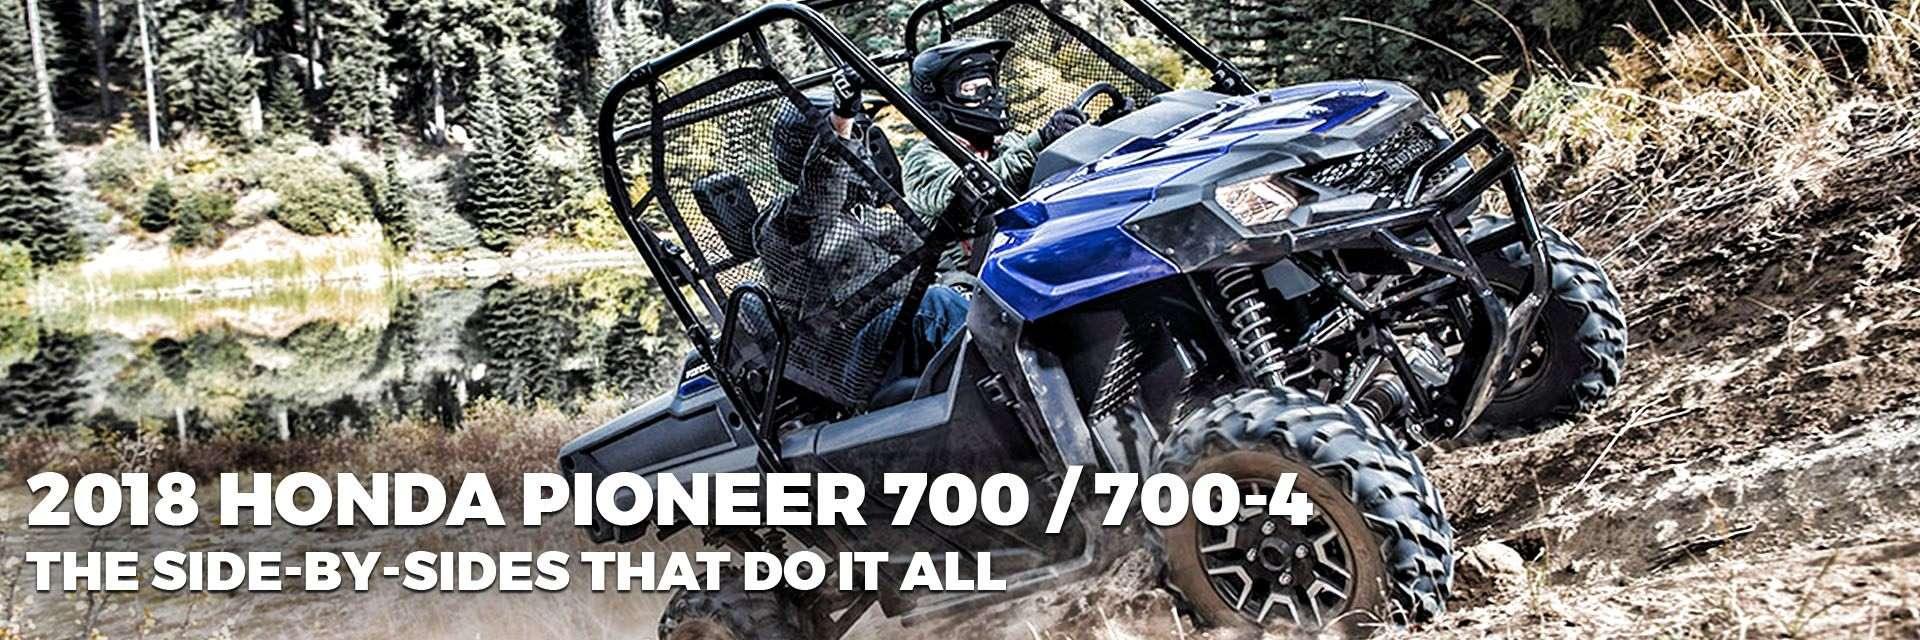 2018 Honda Pioneer 700 & 700-4 in-stock at Hap's Cycle Sales in Sarasota, FL